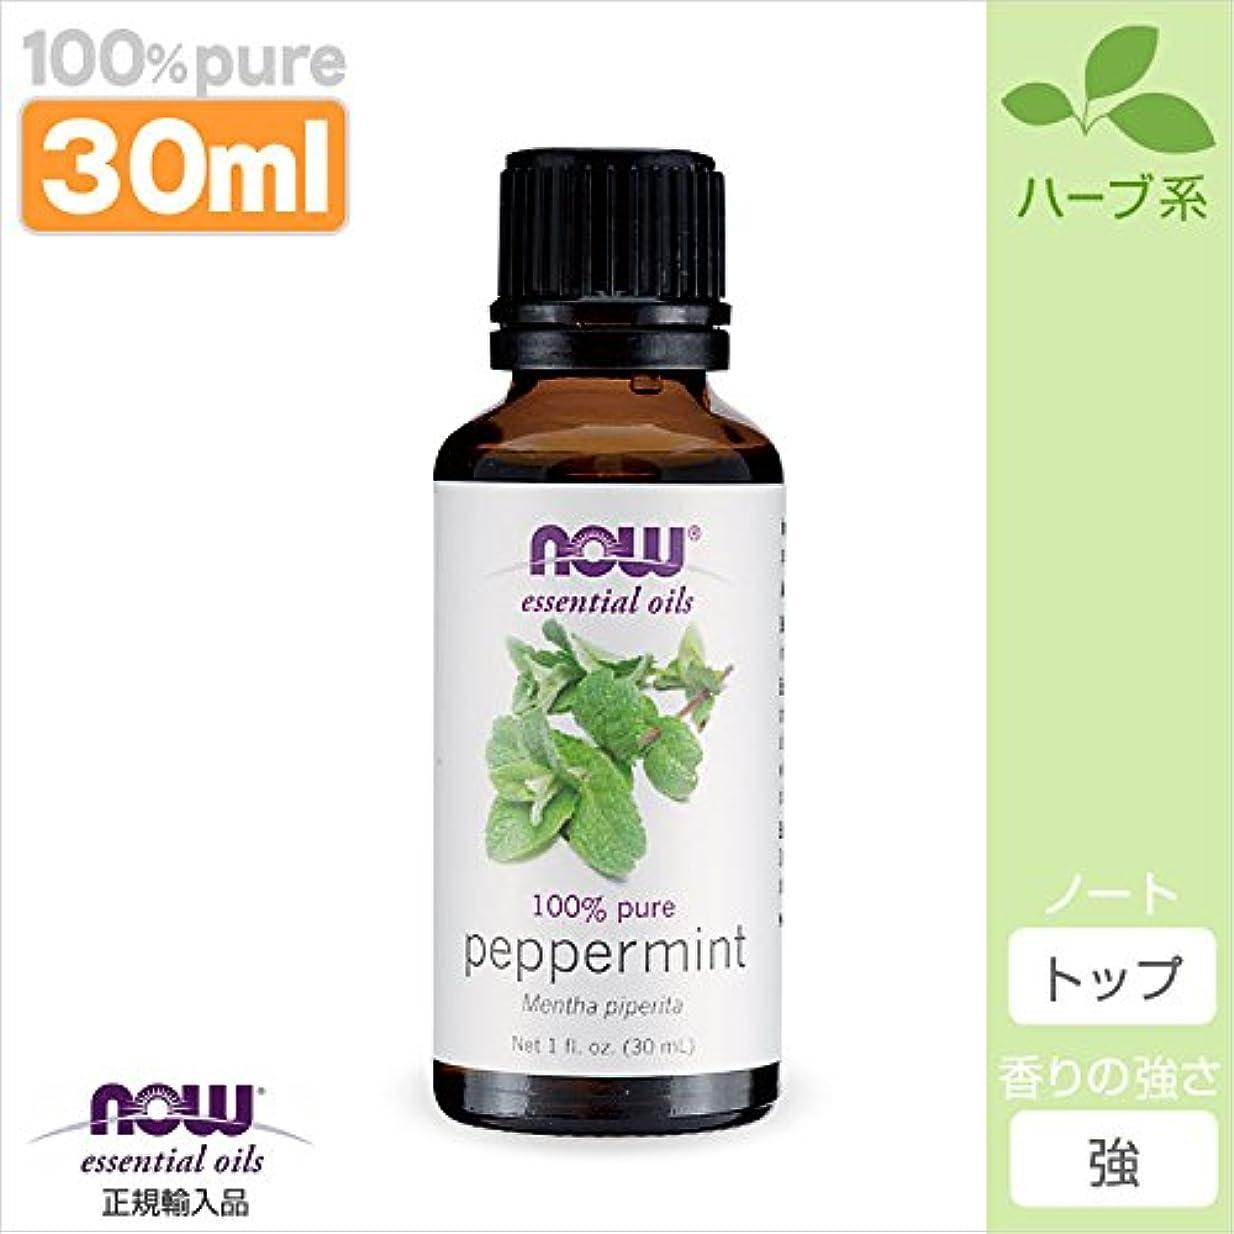 ポルティコ含意健全ペパーミント精油[30ml] 【正規輸入品】 NOWエッセンシャルオイル(アロマオイル)